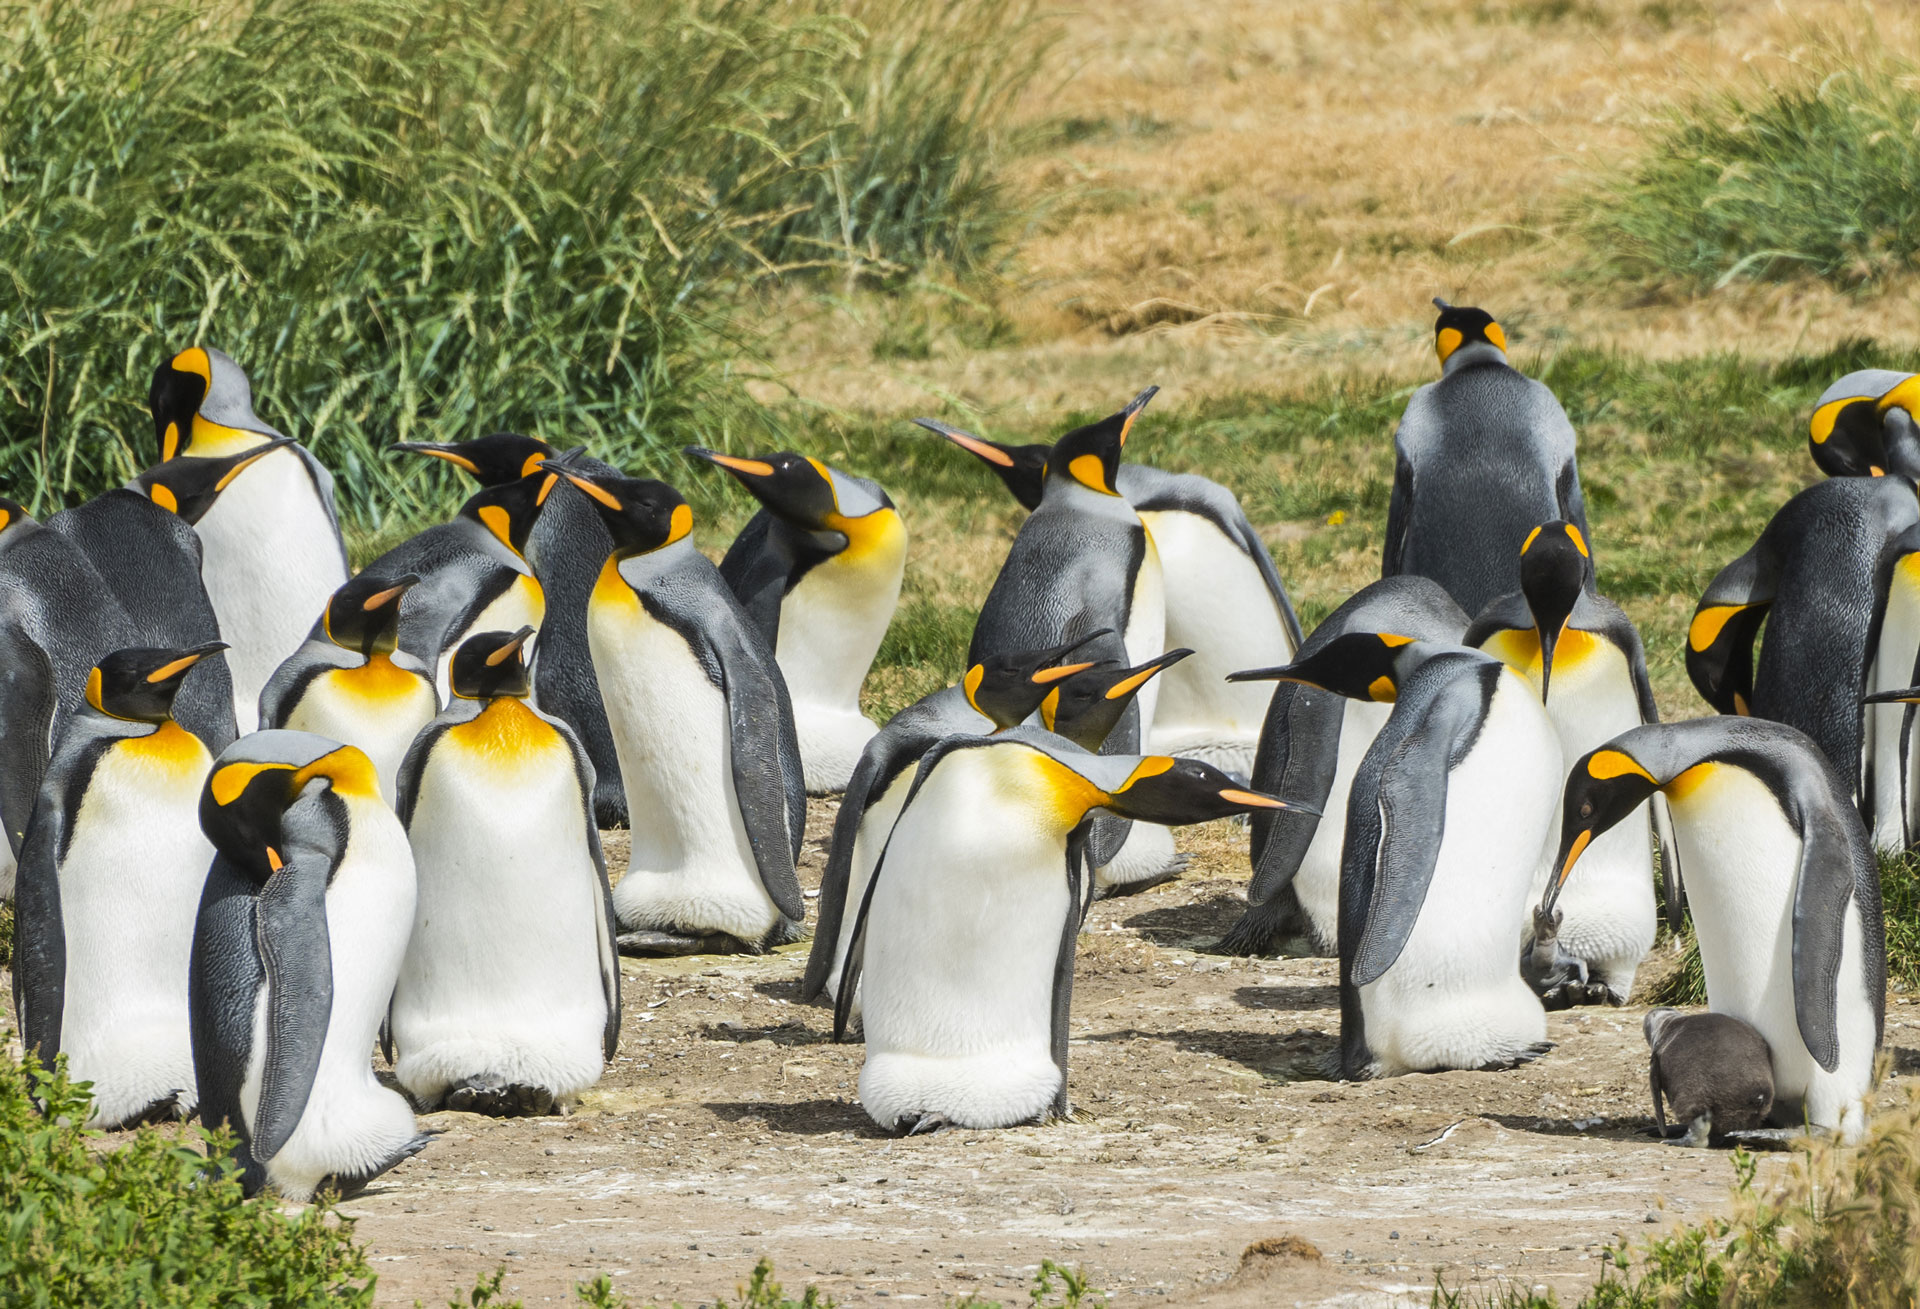 TDF-Penguins-Near-Grass-6-23-20